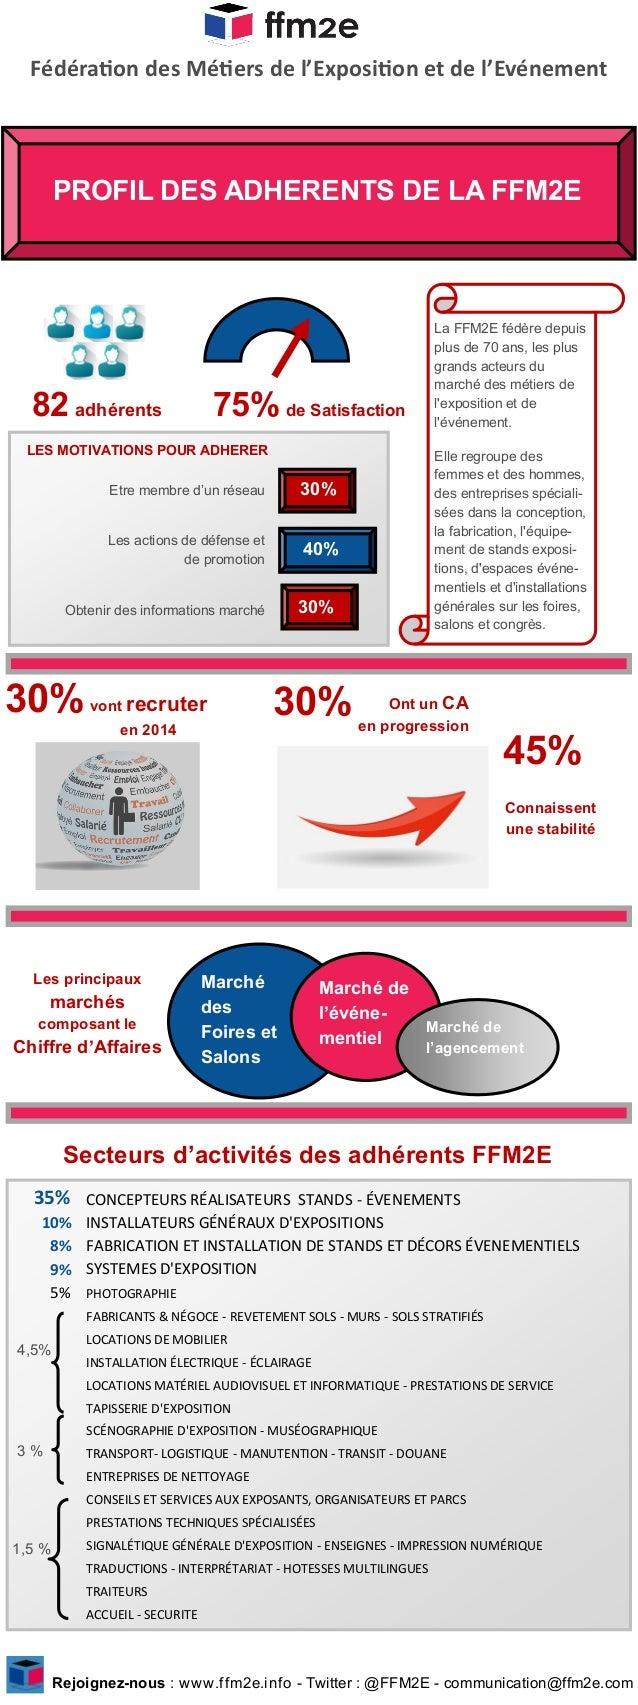 Fédération des Métiers de l'Exposition et de l'Evénement Rejoignez-nous : www.ffm2e.info - Twitter : @FFM2E - communicatio...